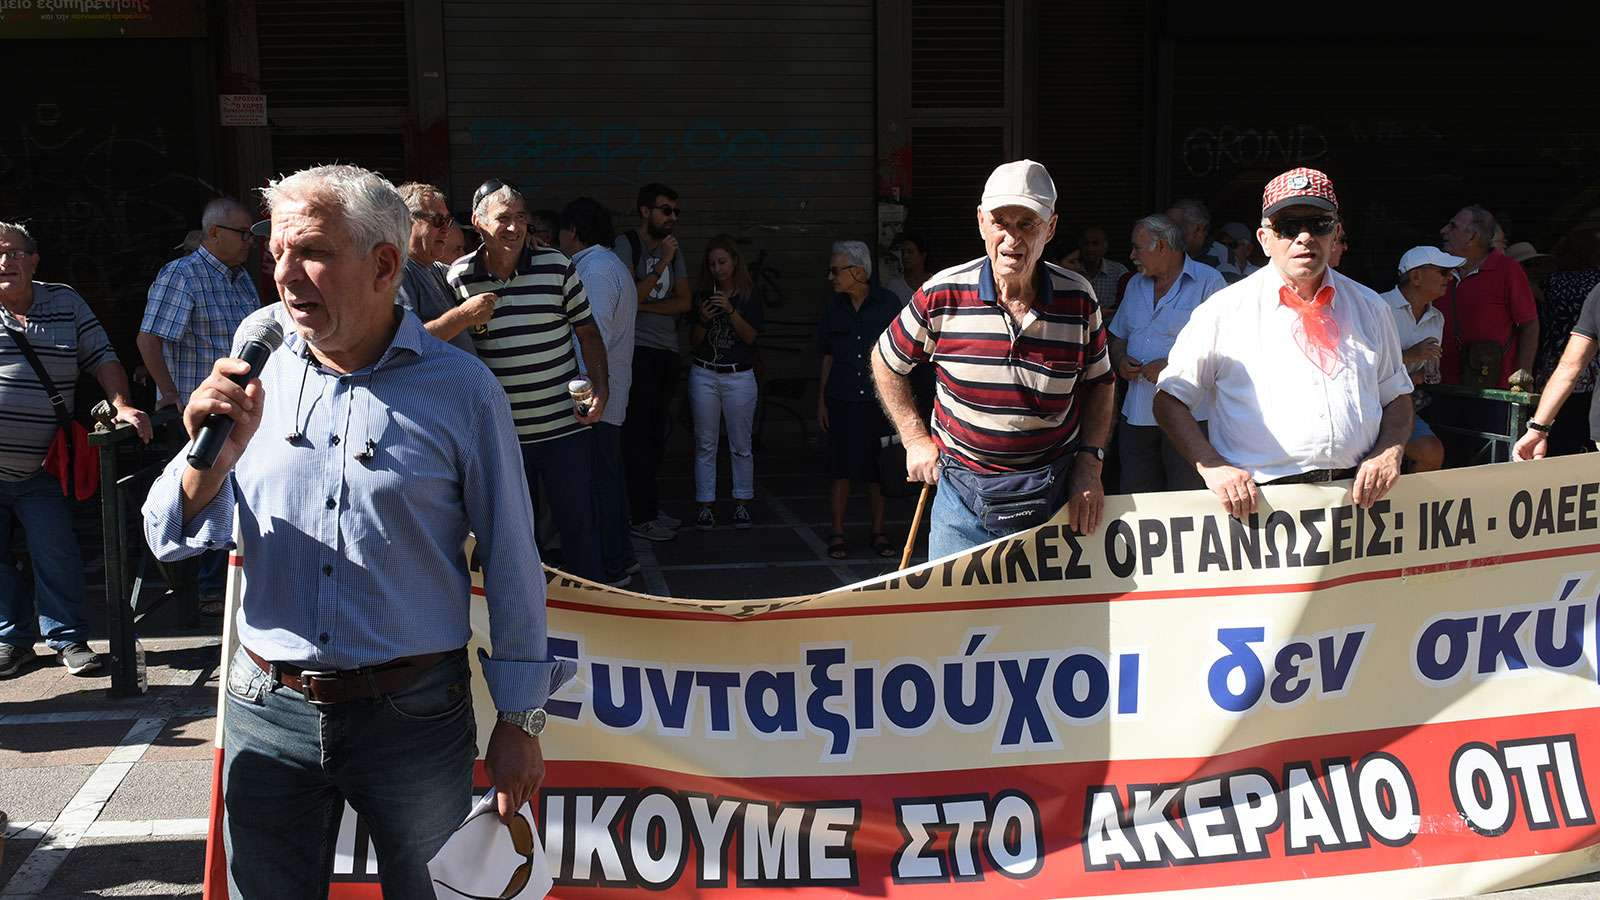 Συνταξιούχοι_Συγκέντρωση-Πορεία 1-Οκτ-2019 Δήμος Κουμπούρης